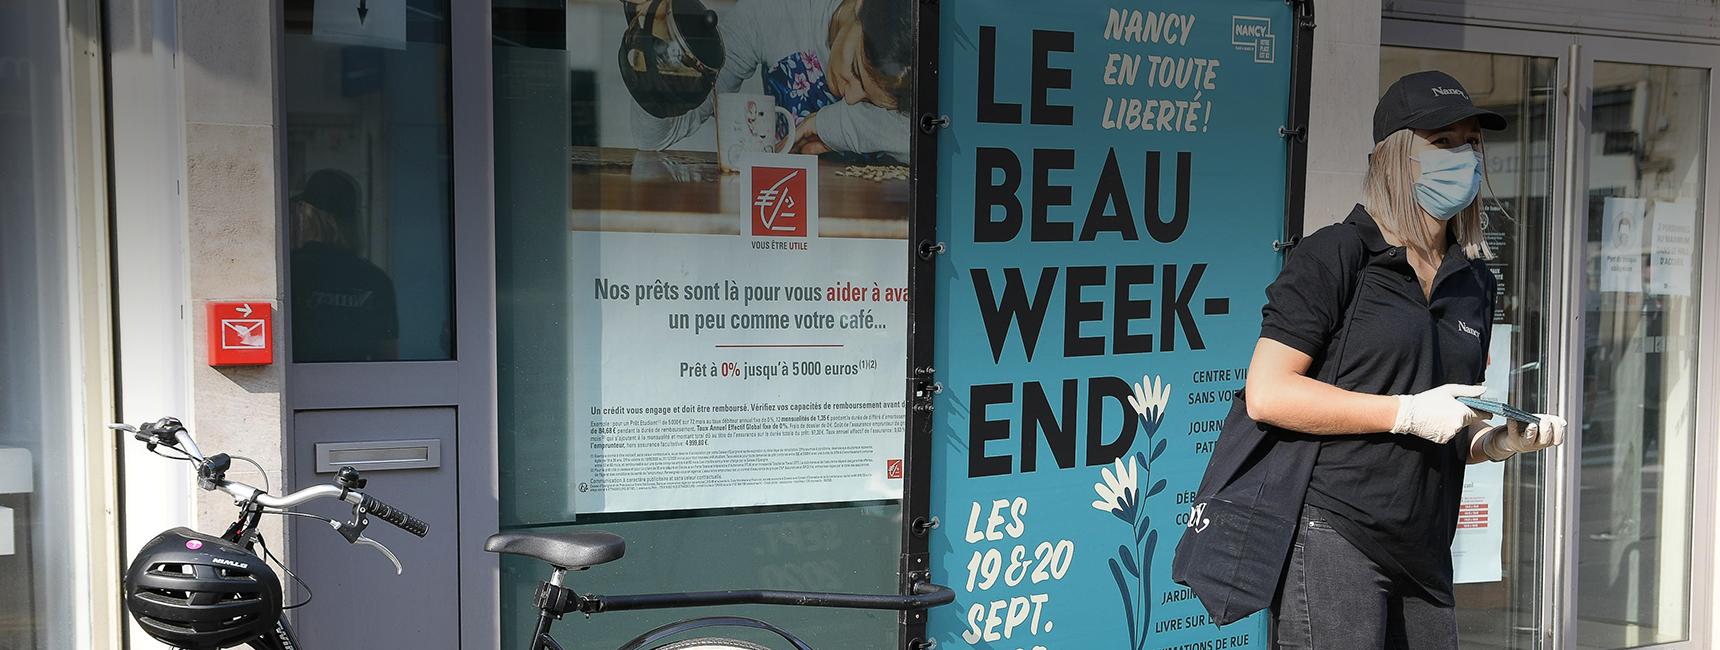 """Bike com ville de nancy """"beau week-end""""Keemia Strasbourg agence de marketing locale de référence de la Région Grand Est"""